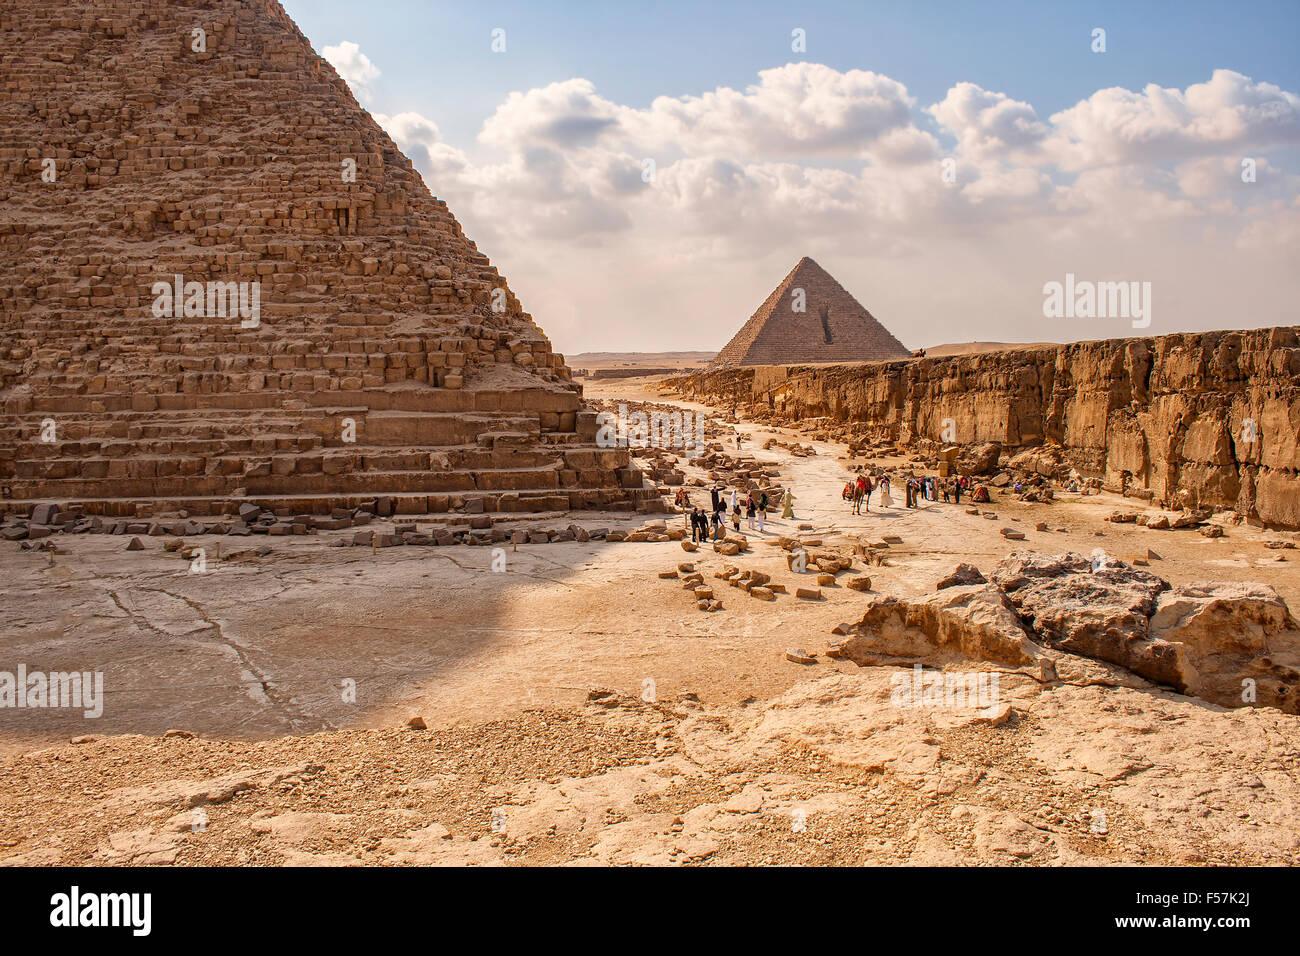 Imagen de las pirámides de Giza en El Cairo, Egipto. Imagen De Stock